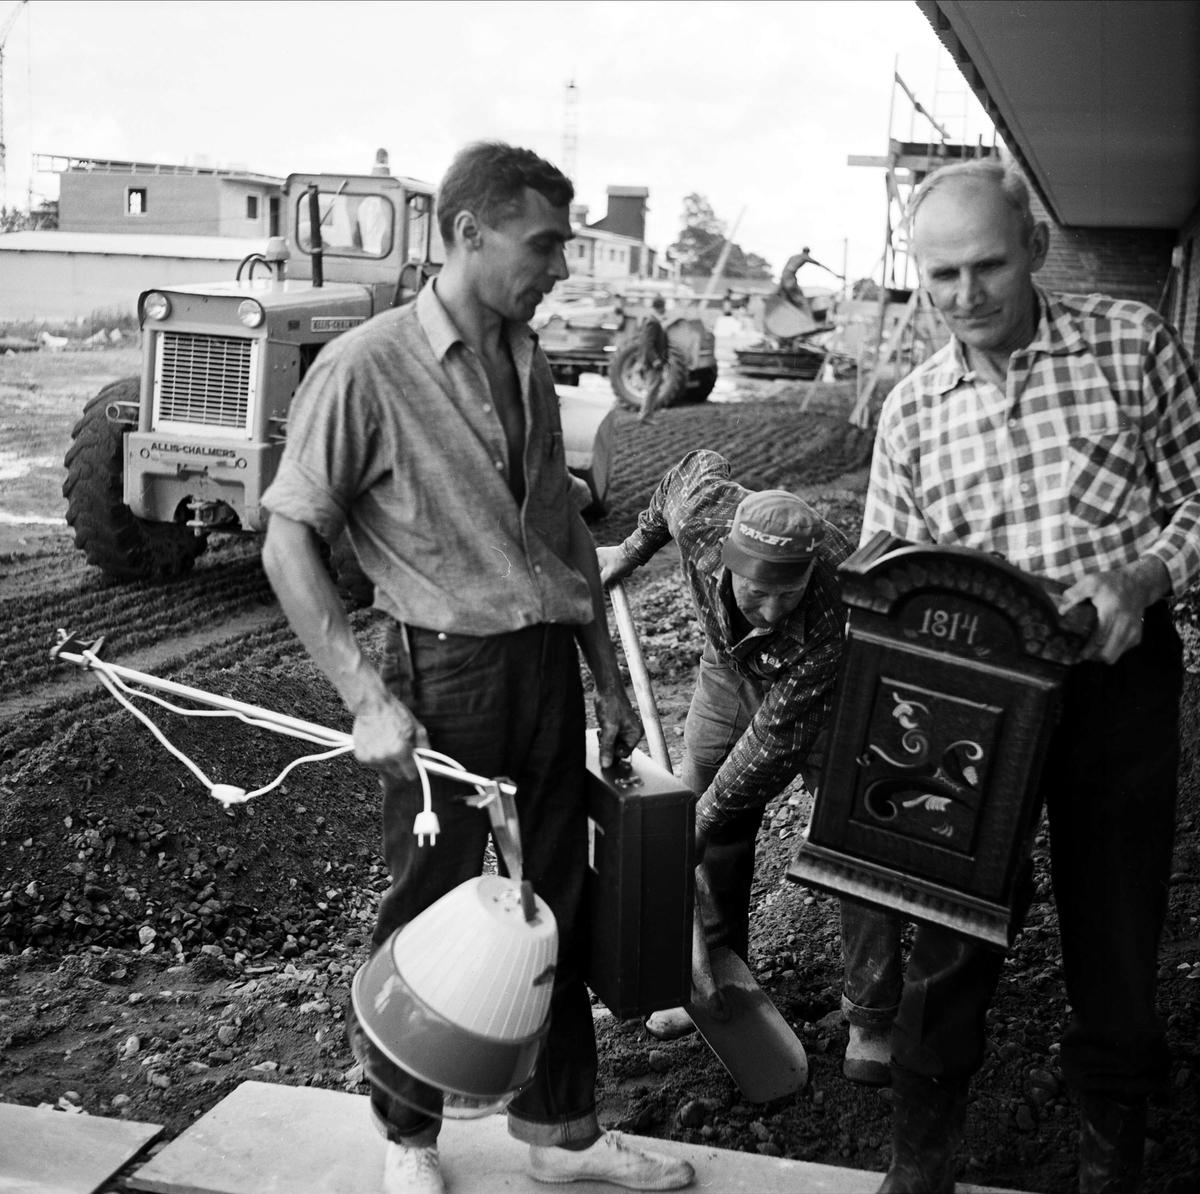 """""""Inflyttning i Bondeparken medan jobbet ännu pågick"""" - Yngve Carlsén och Bo Westberg bär in flyttsaker medan Bror Bohlin schaktar jord, Tierp, Uppland september 1967"""